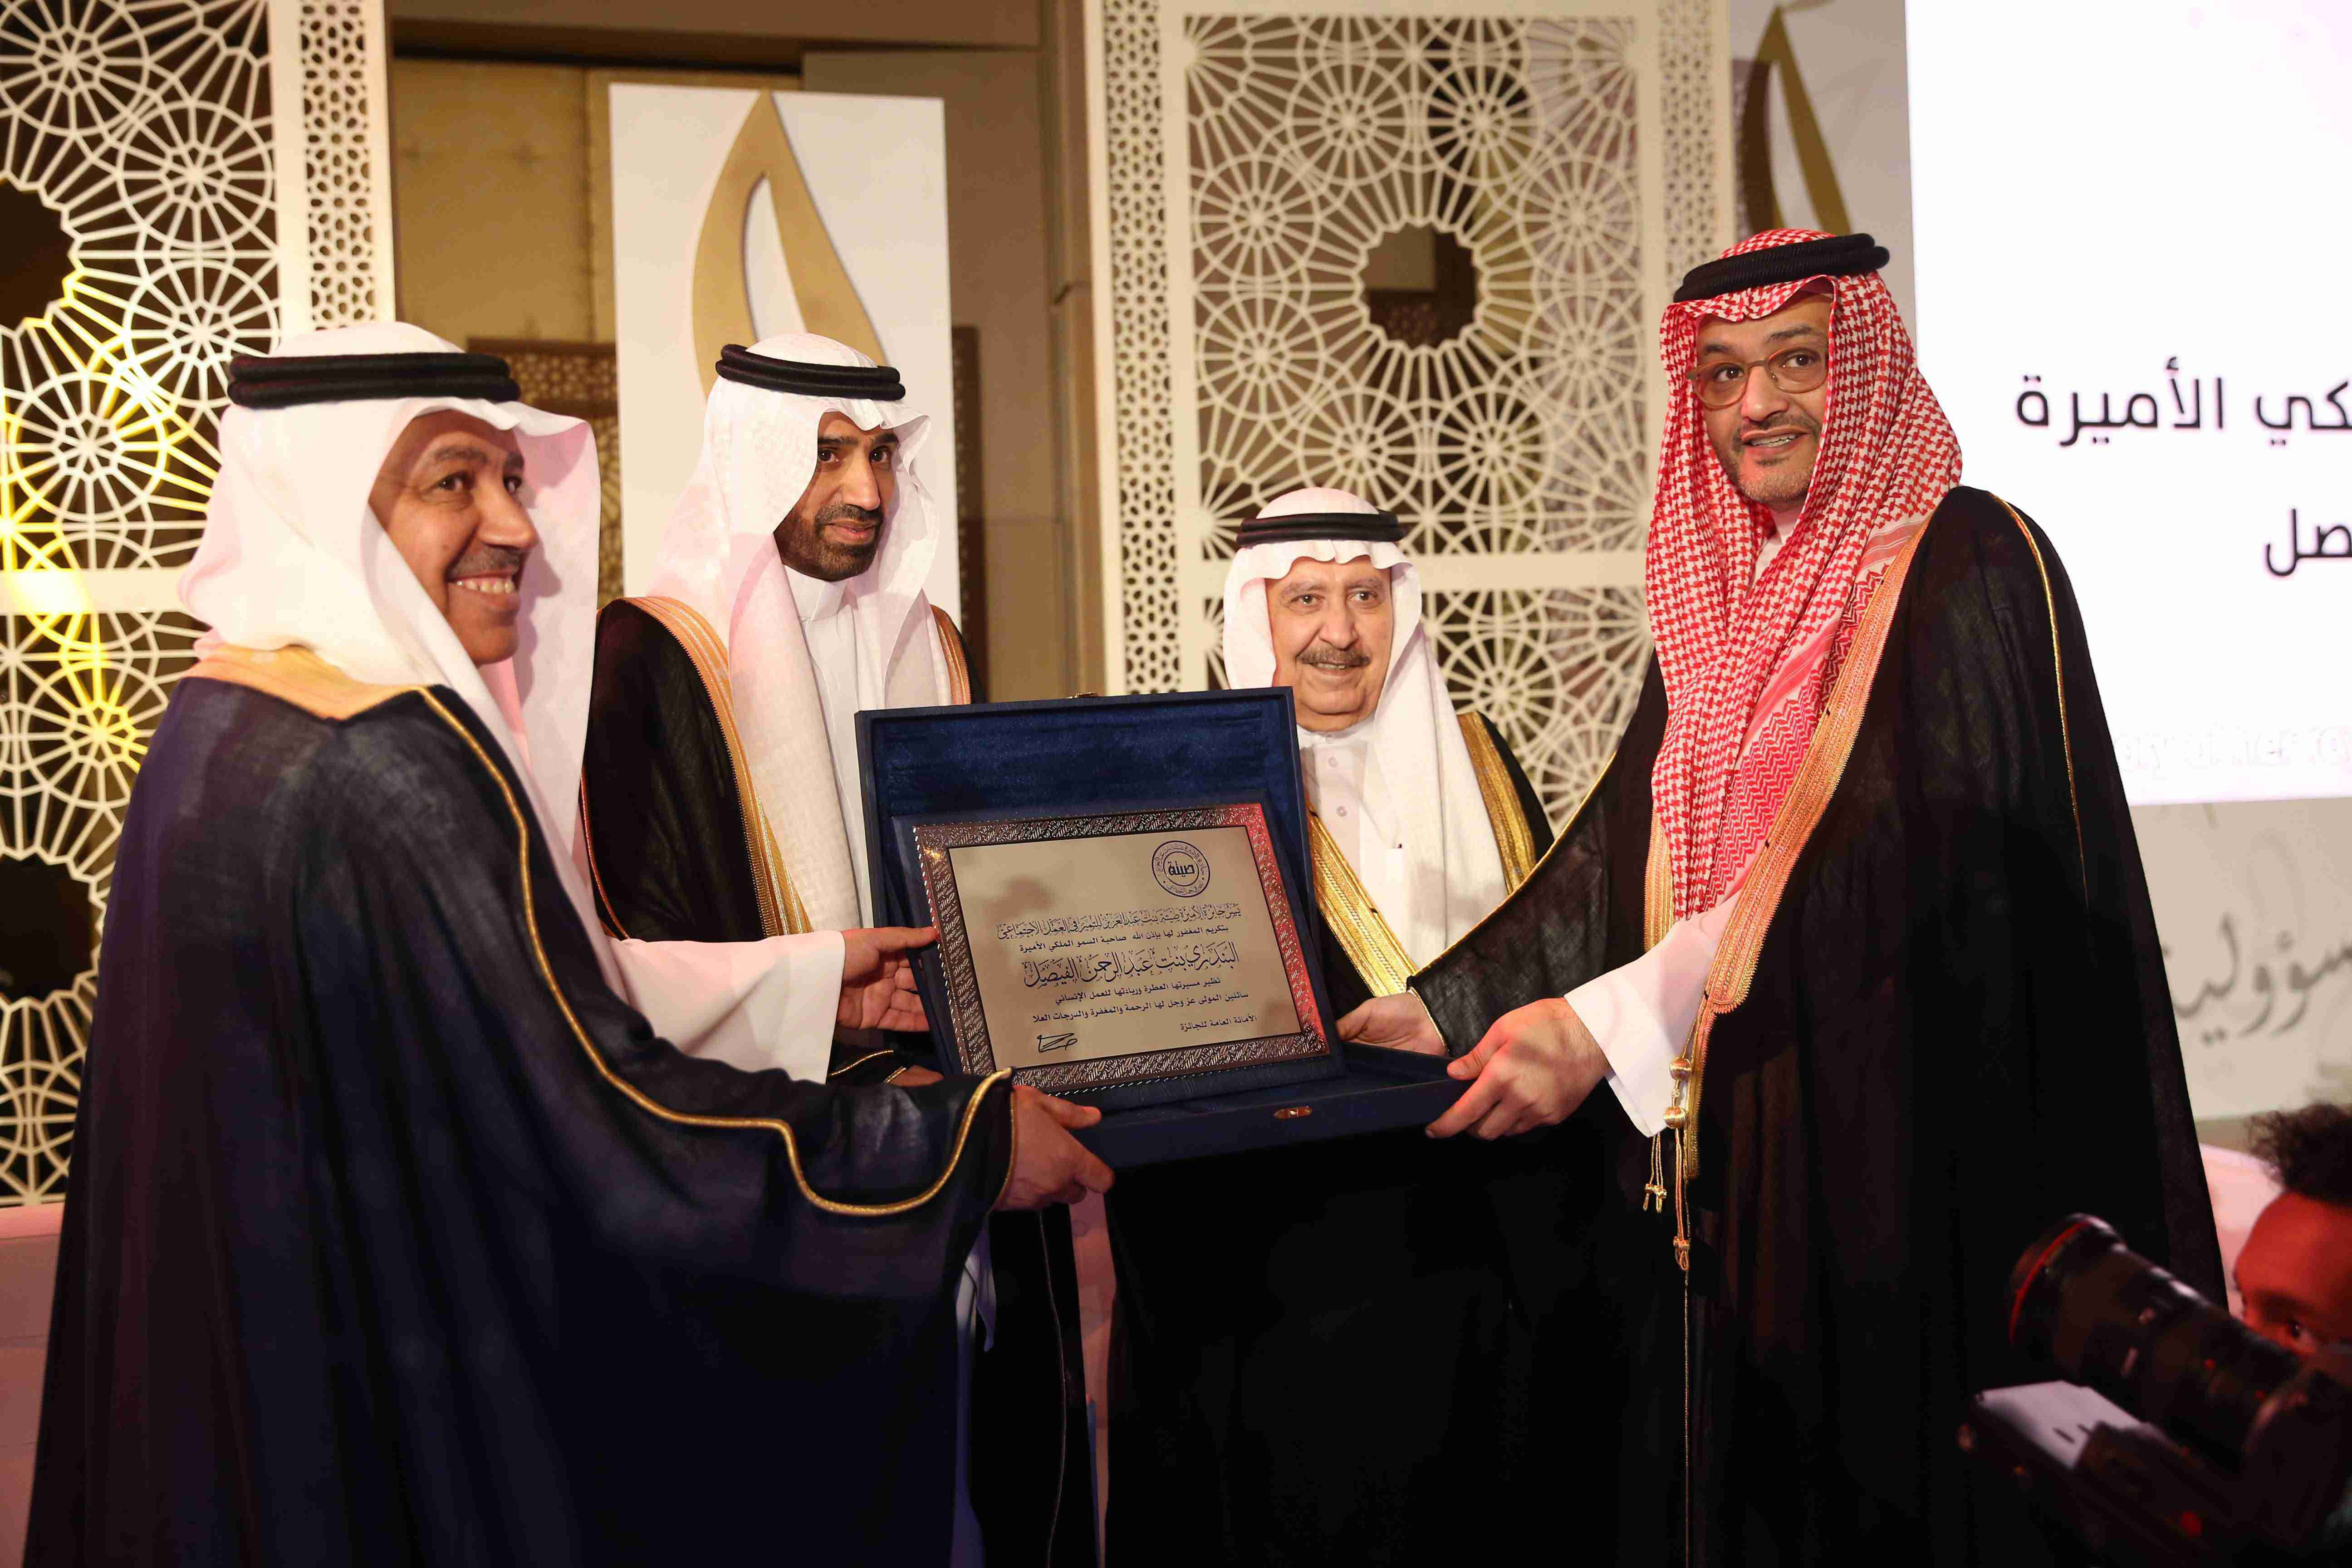 الفائزة بالدورة السادسة 2018 صاحبة السمو الملكي الأميرة/ البندري بنت عبدالرحمن الفيصل